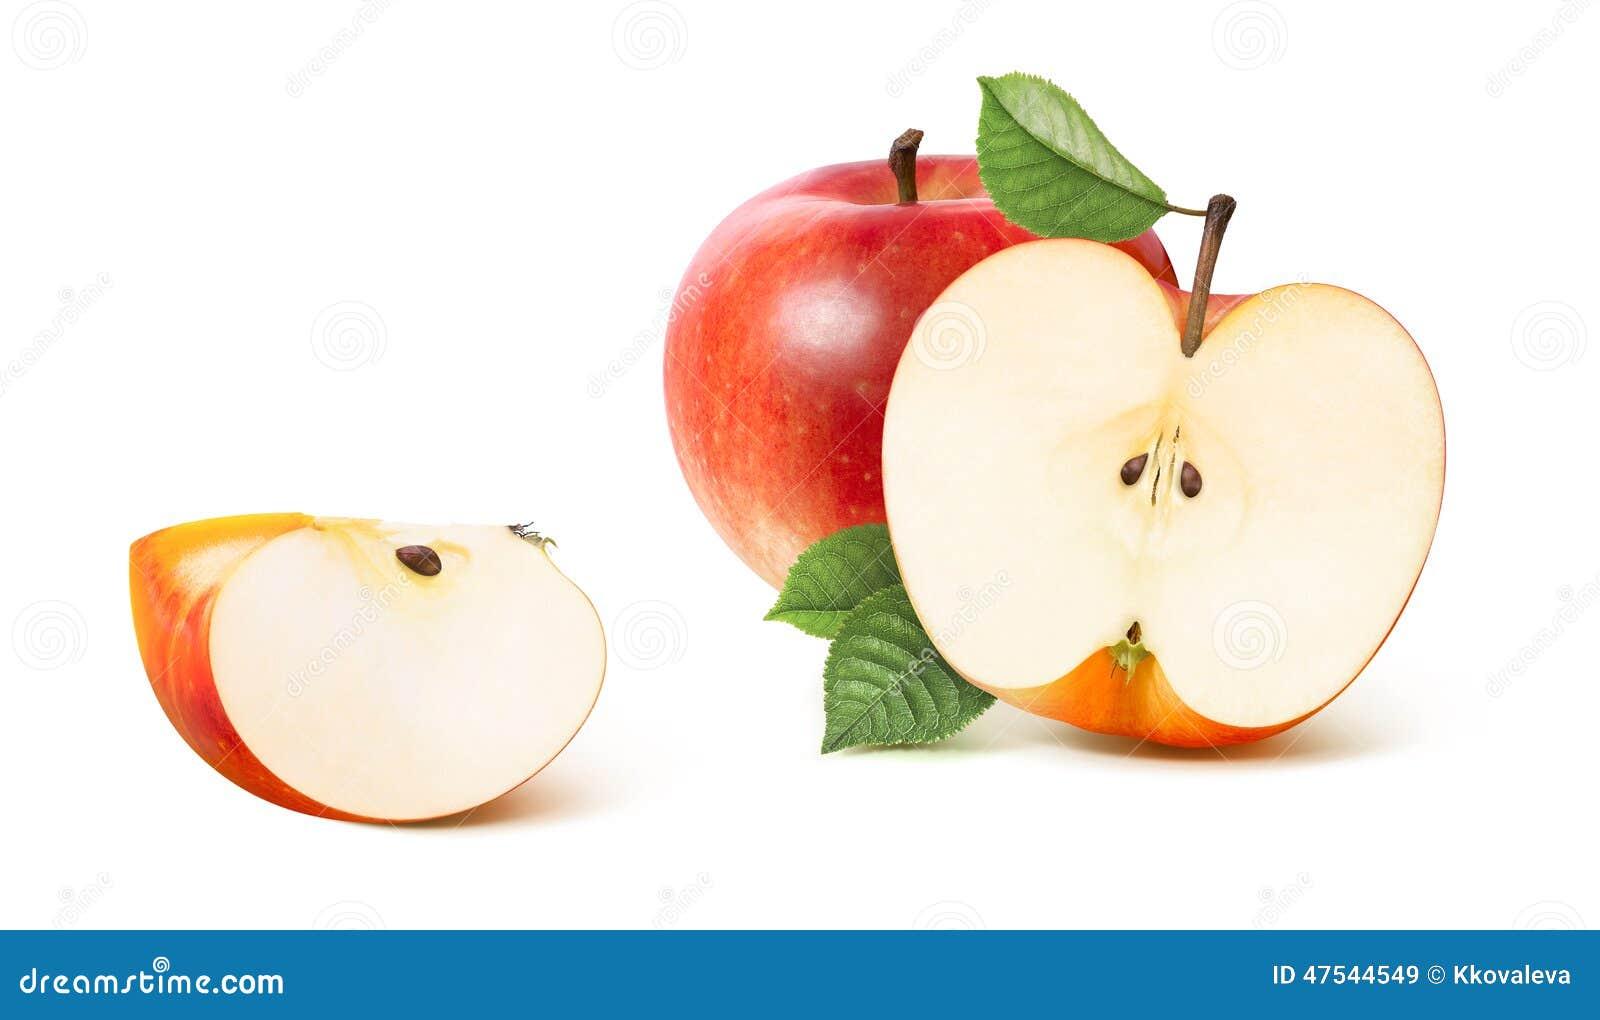 Rood appel half en ver die kwart op wit wordt geïsoleerd